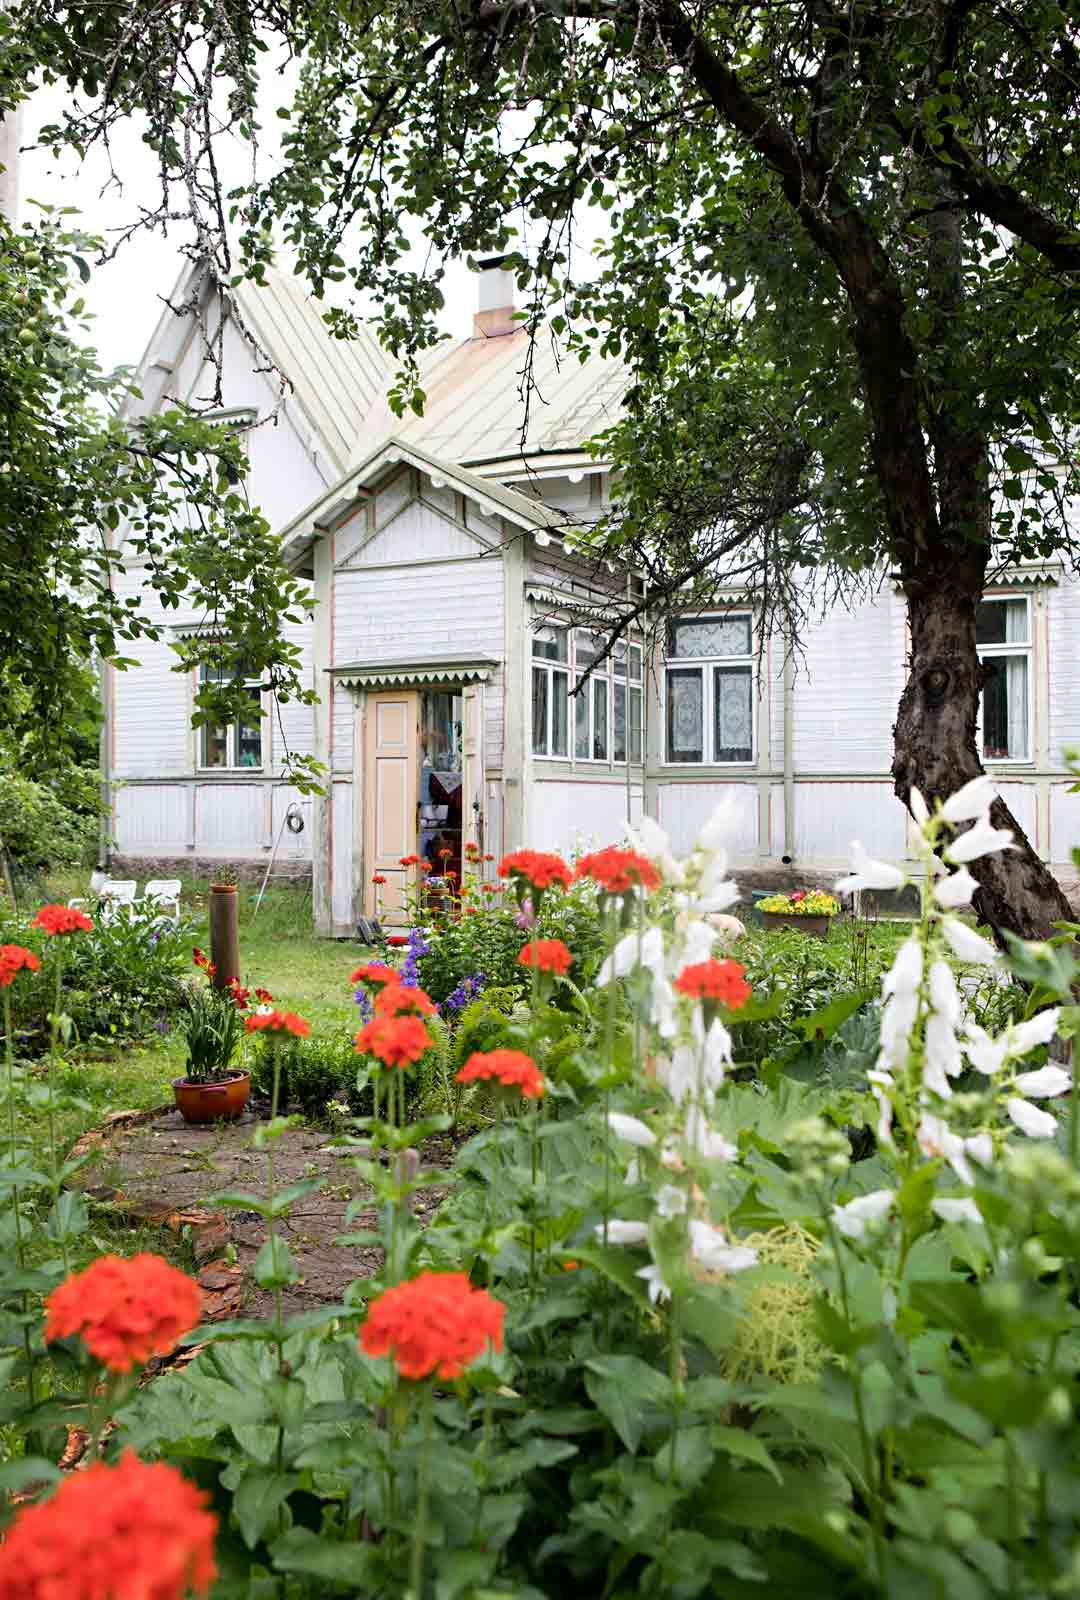 Vanhaa hirsihuvilaa ympäröi iso puutarha, jossa kasvaa vanhoja perennoja sekä hedelmäpuita.